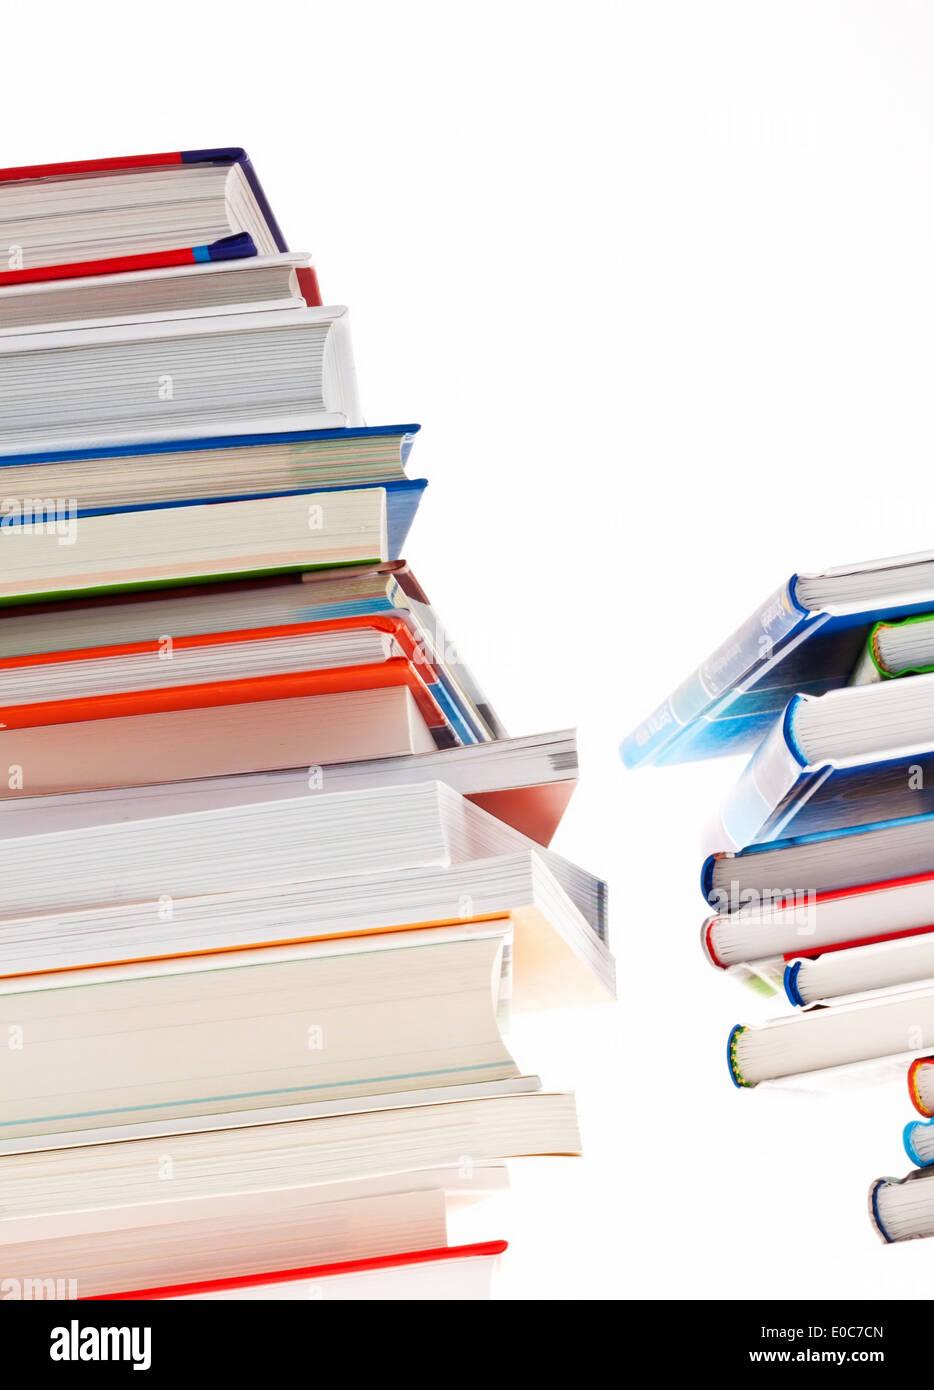 Pile of books. Released and isolates to orphan background, Stapel von Buechern. Freigestellt und isoliert verwaistem Hintergrund - Stock Image